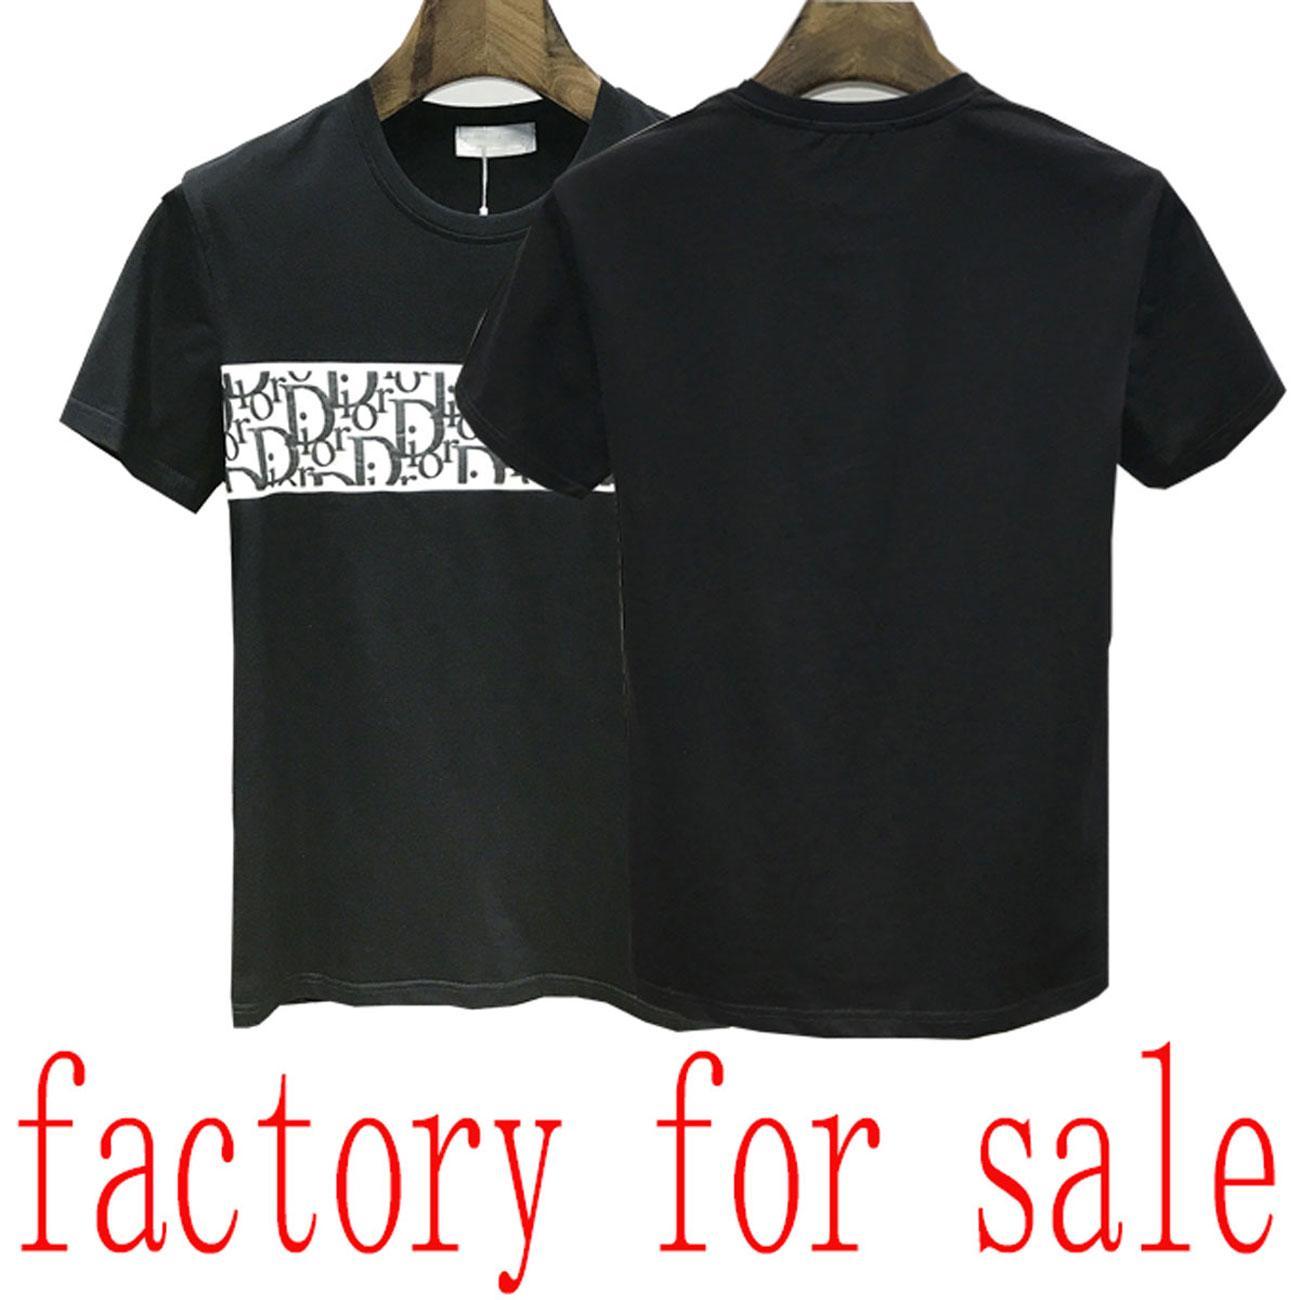 20SS marca de los hombres de la camiseta de las Bermudas Europea hip-hop impresa de manga corta de la camiseta del verano del nuevo cuello redondo de algodón blanco y negro camisa de los hombres